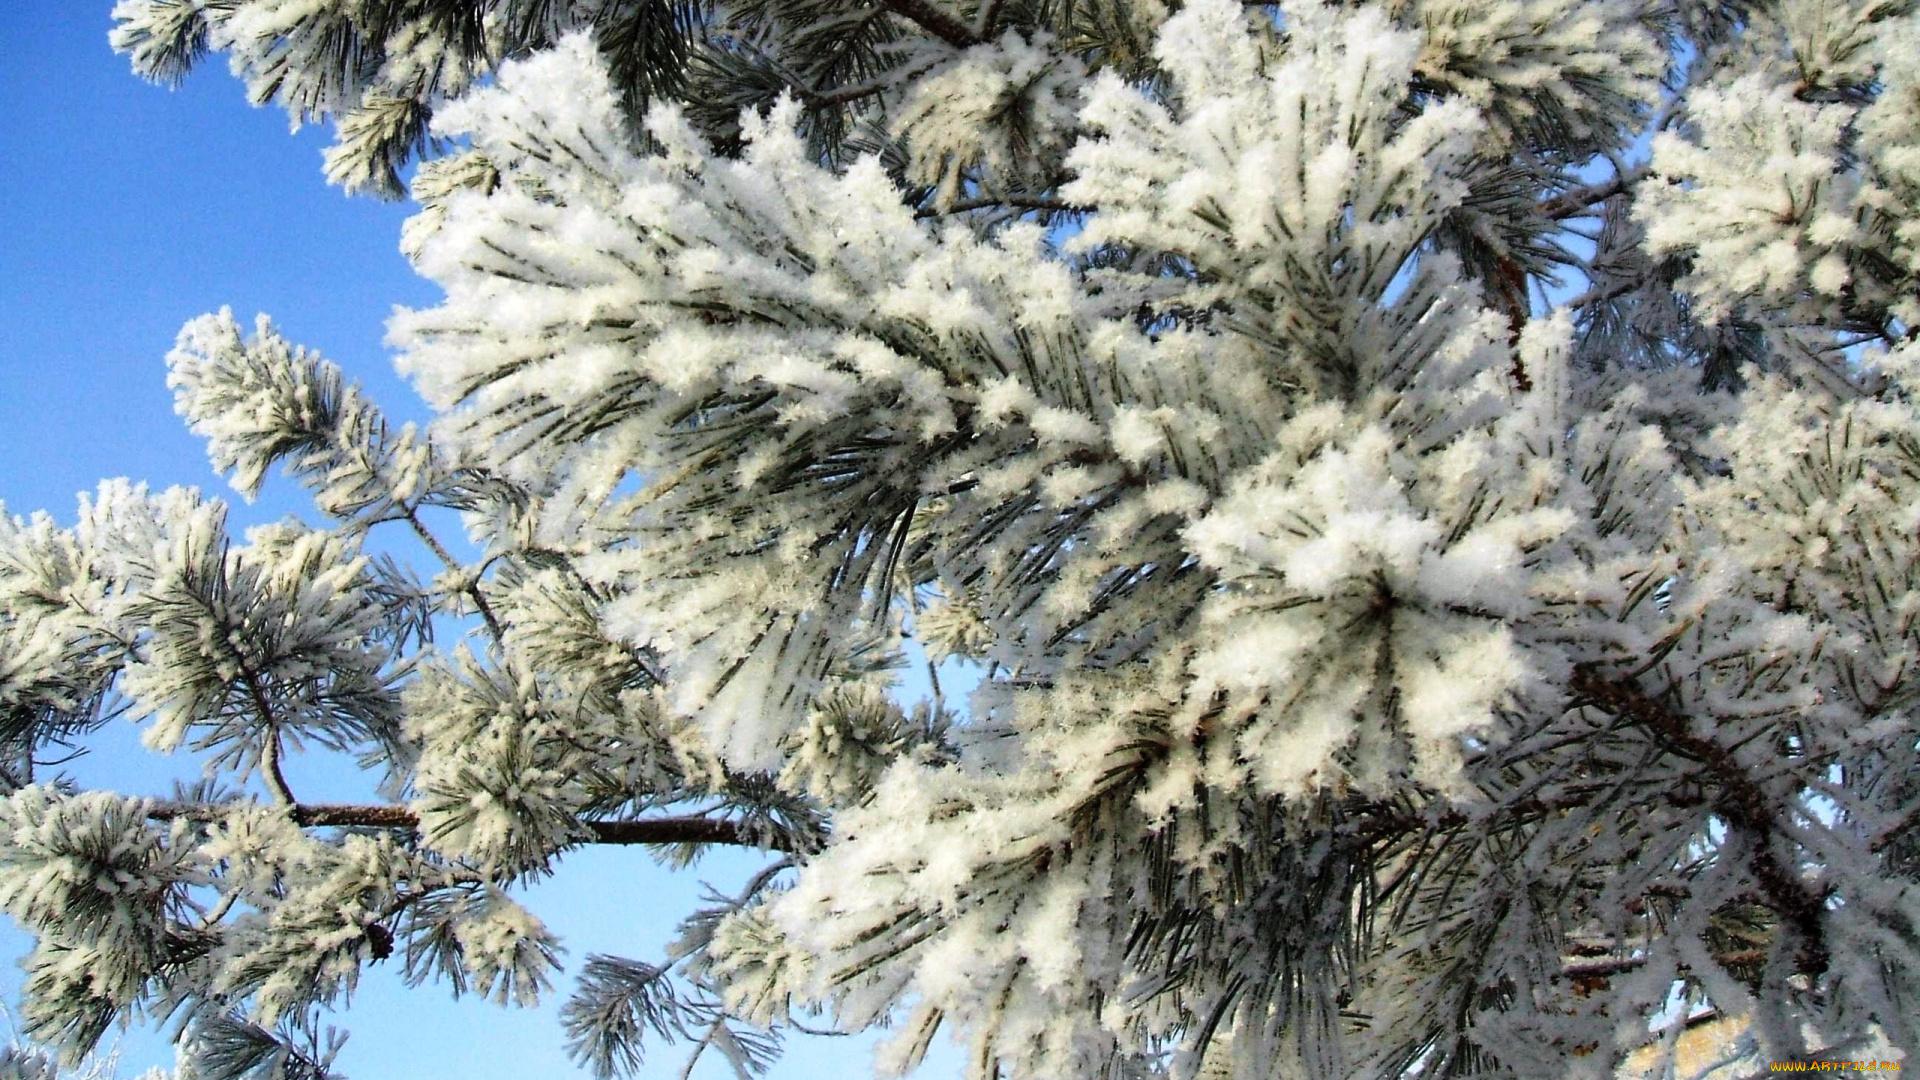 Сосны в снегу без регистрации